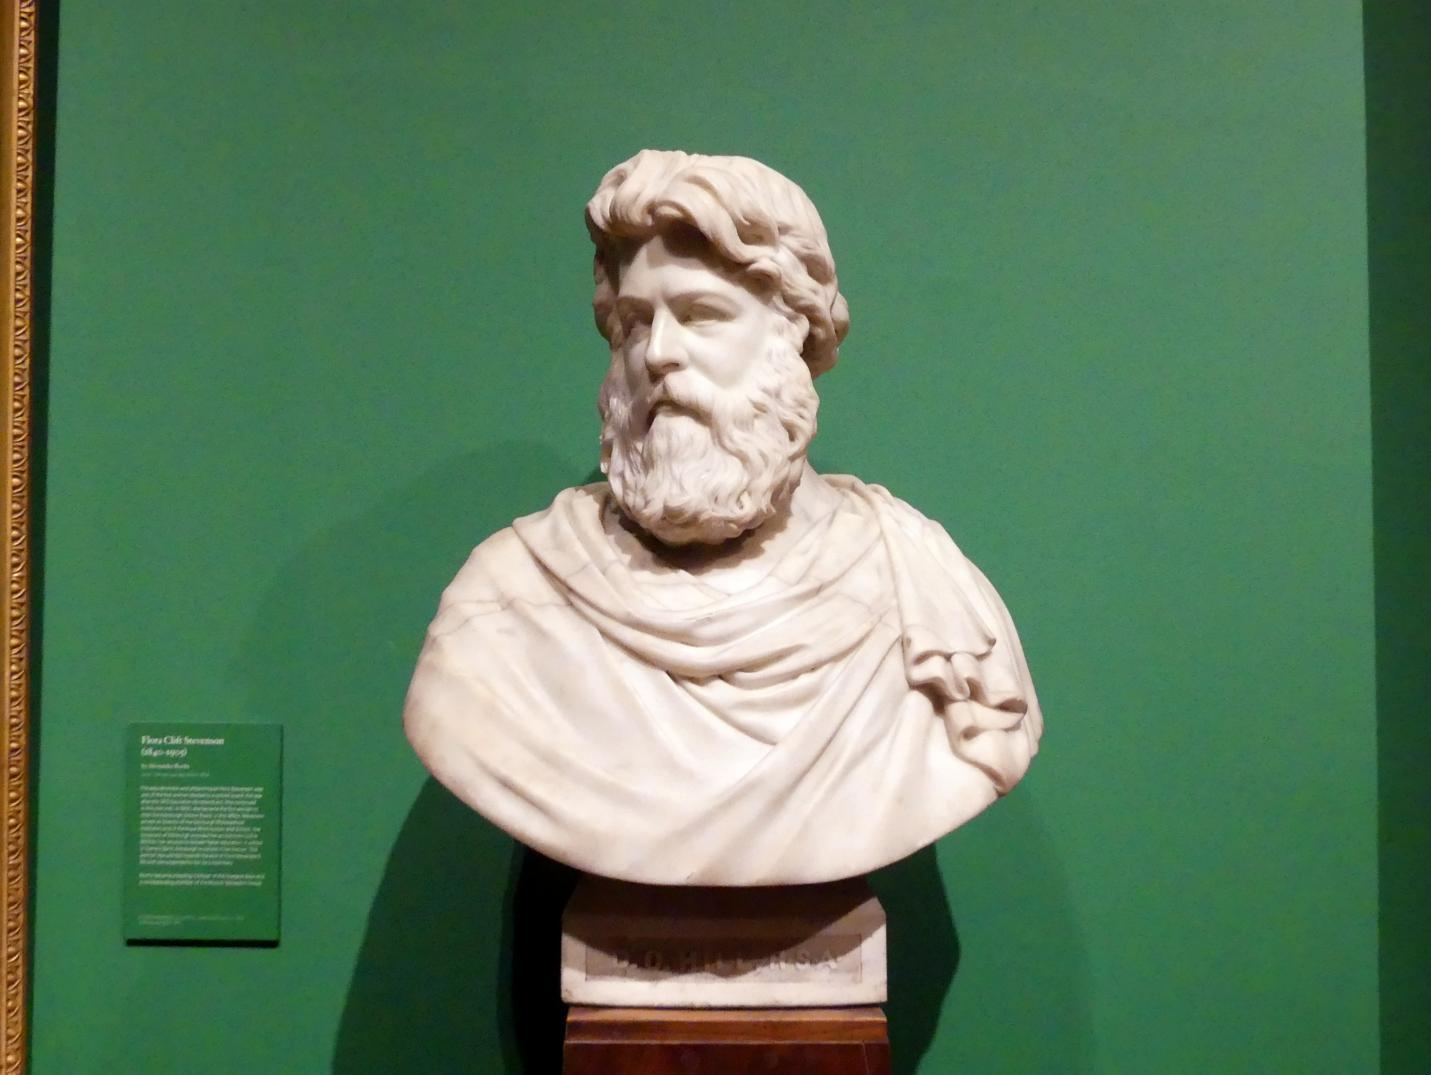 David Octavius Hill (1802 Perth - 1870 Edinburgh)